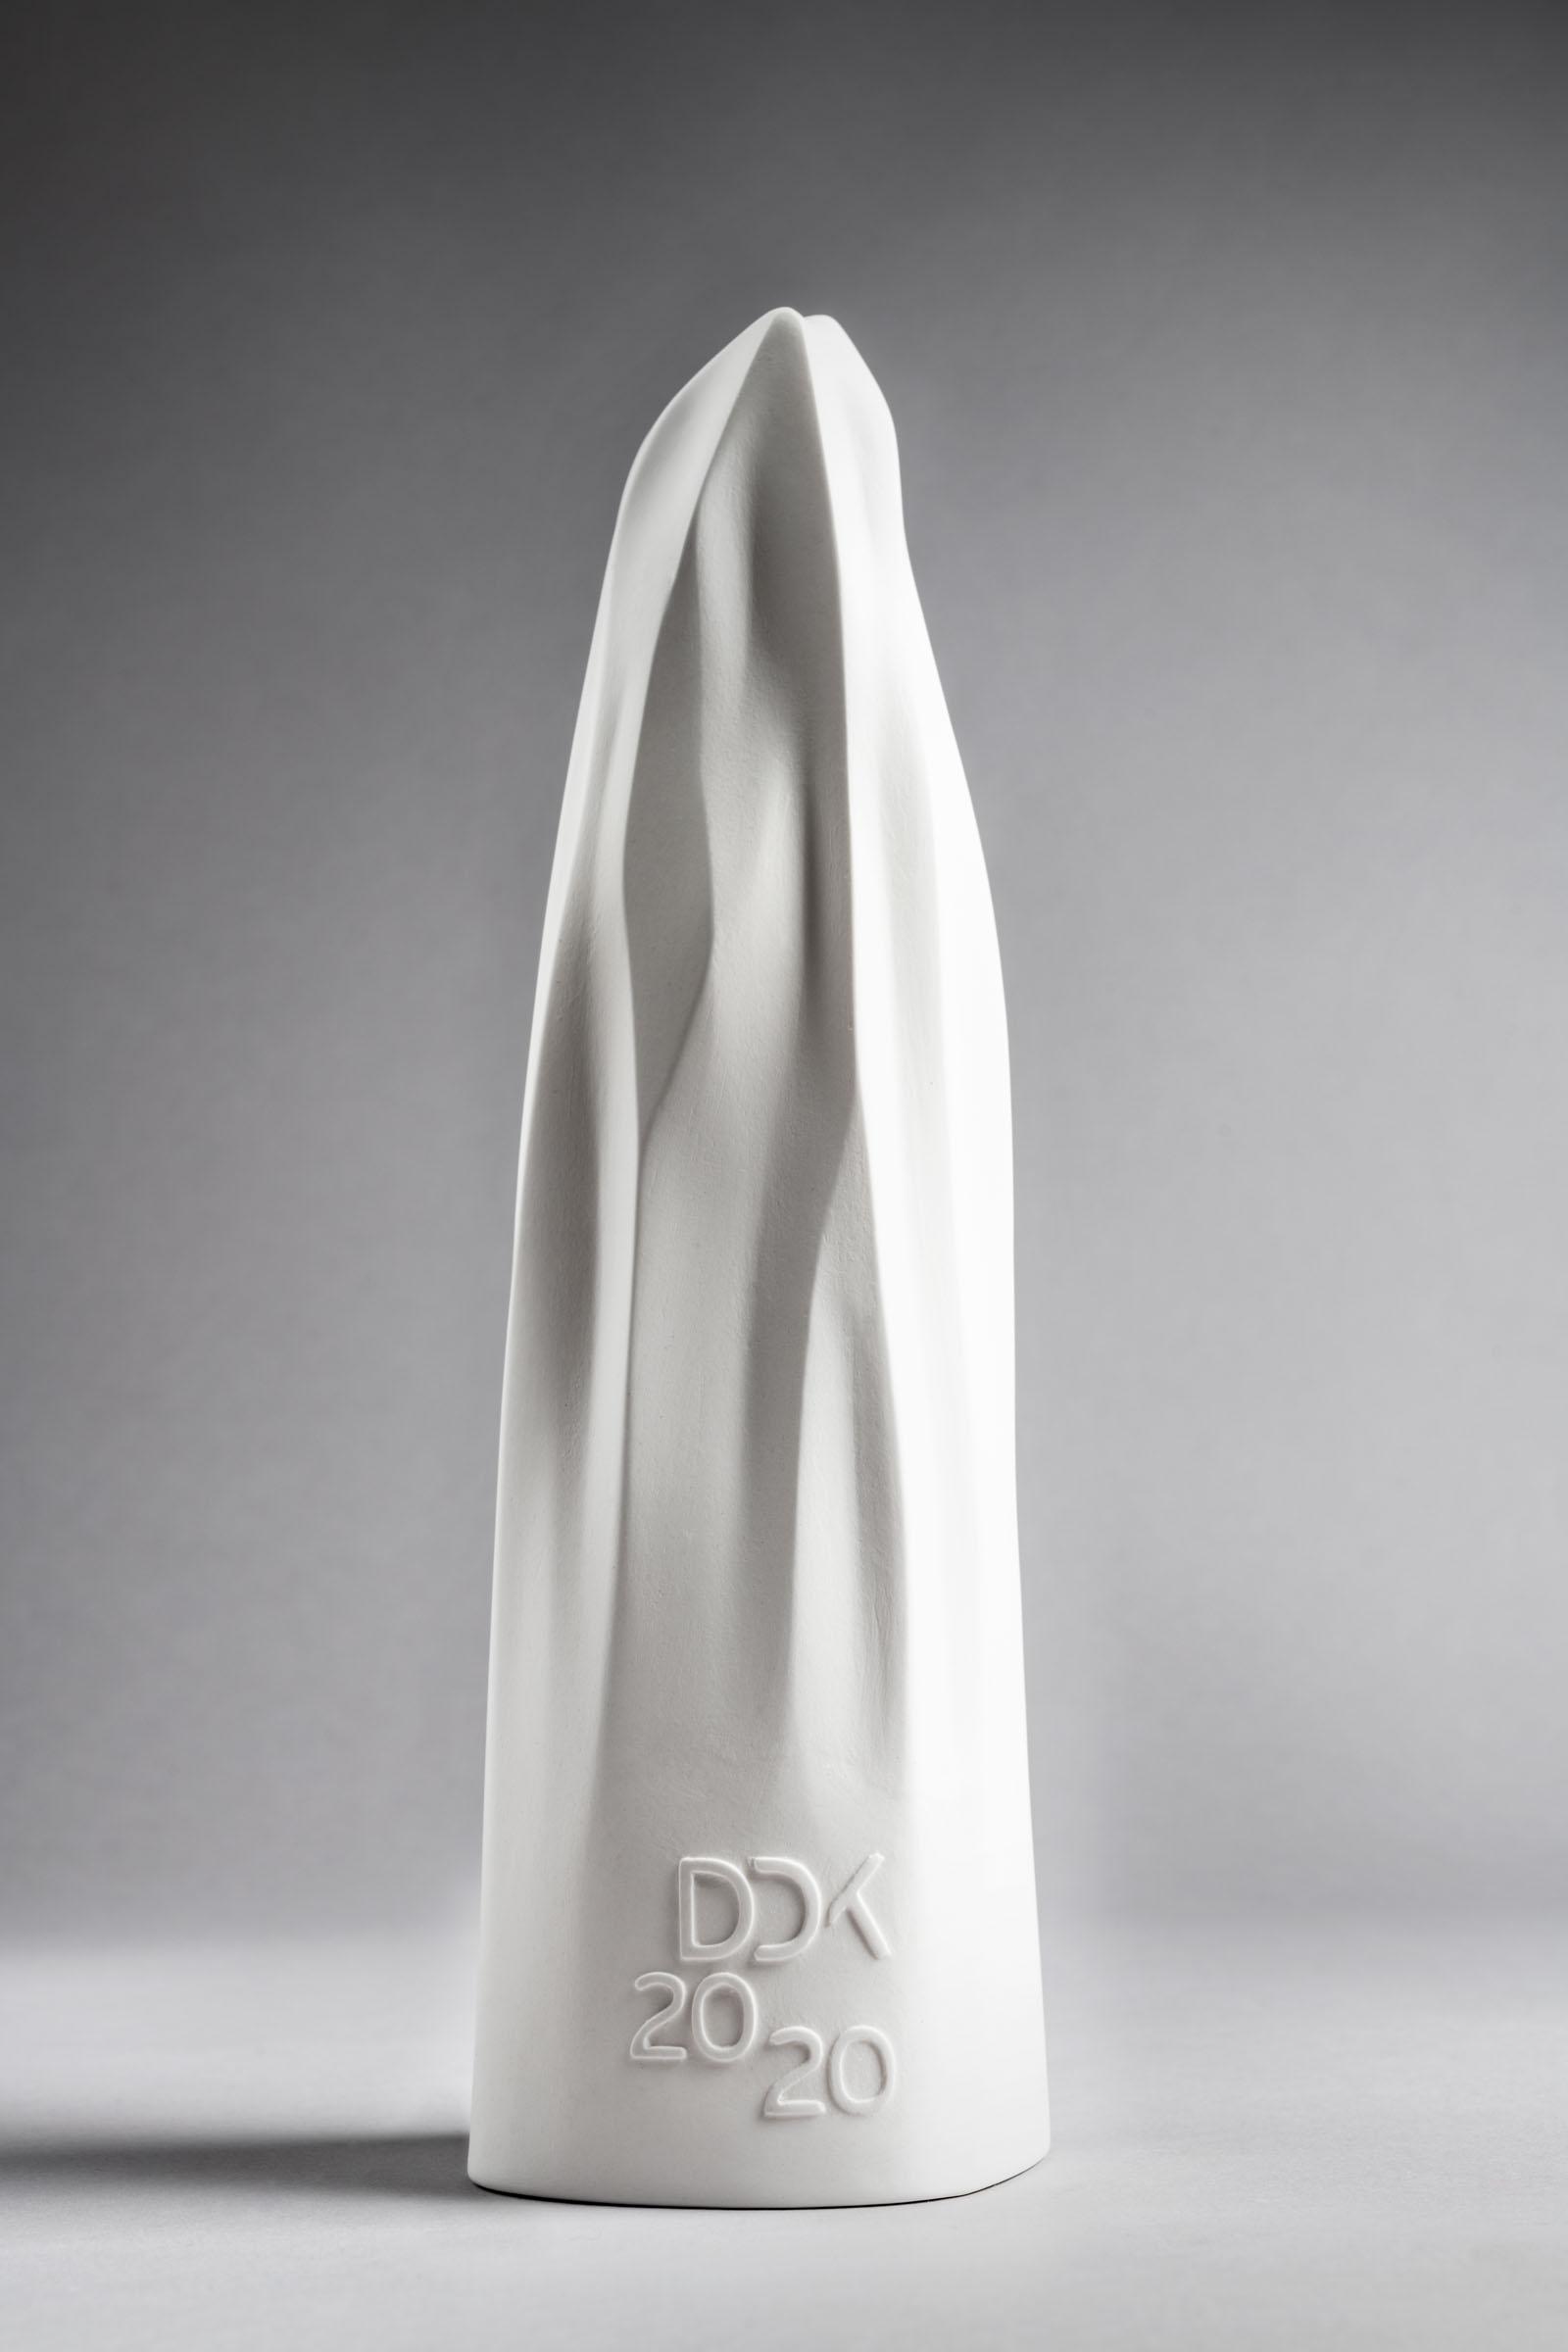 DDK 2020 - Statuetka